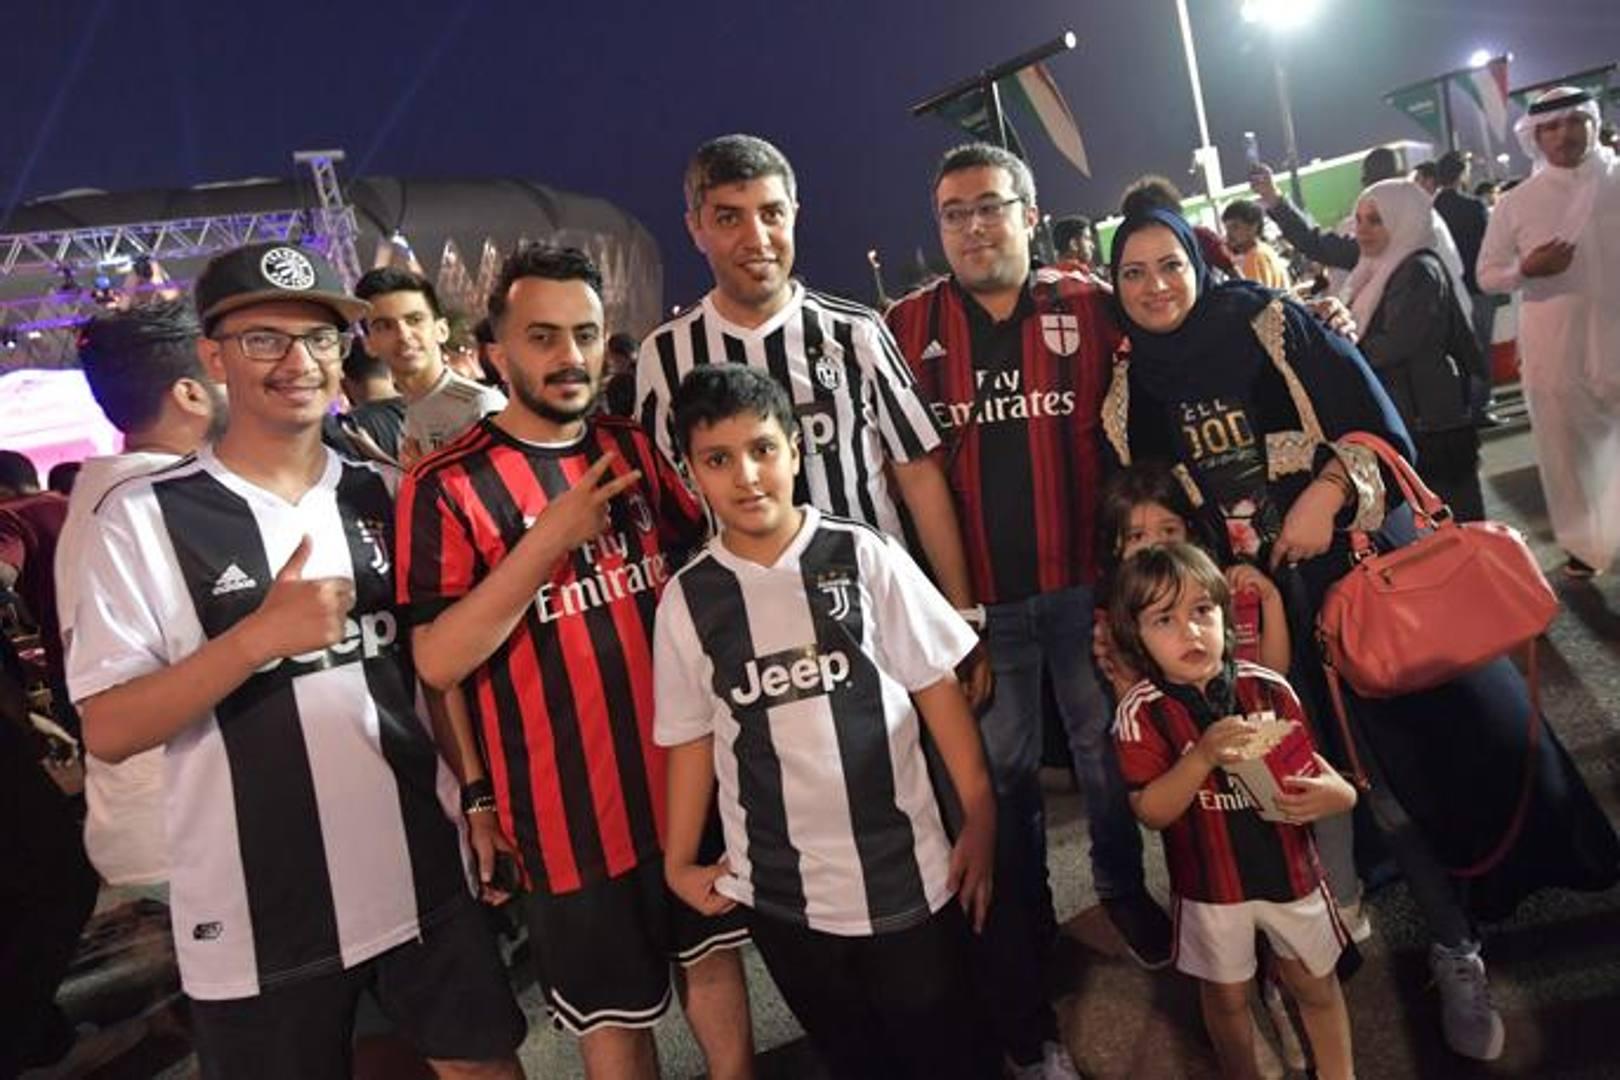 Tifosi arabi di Juve e Milan davanti allo stadio prima del fischio d'inizio. Afp